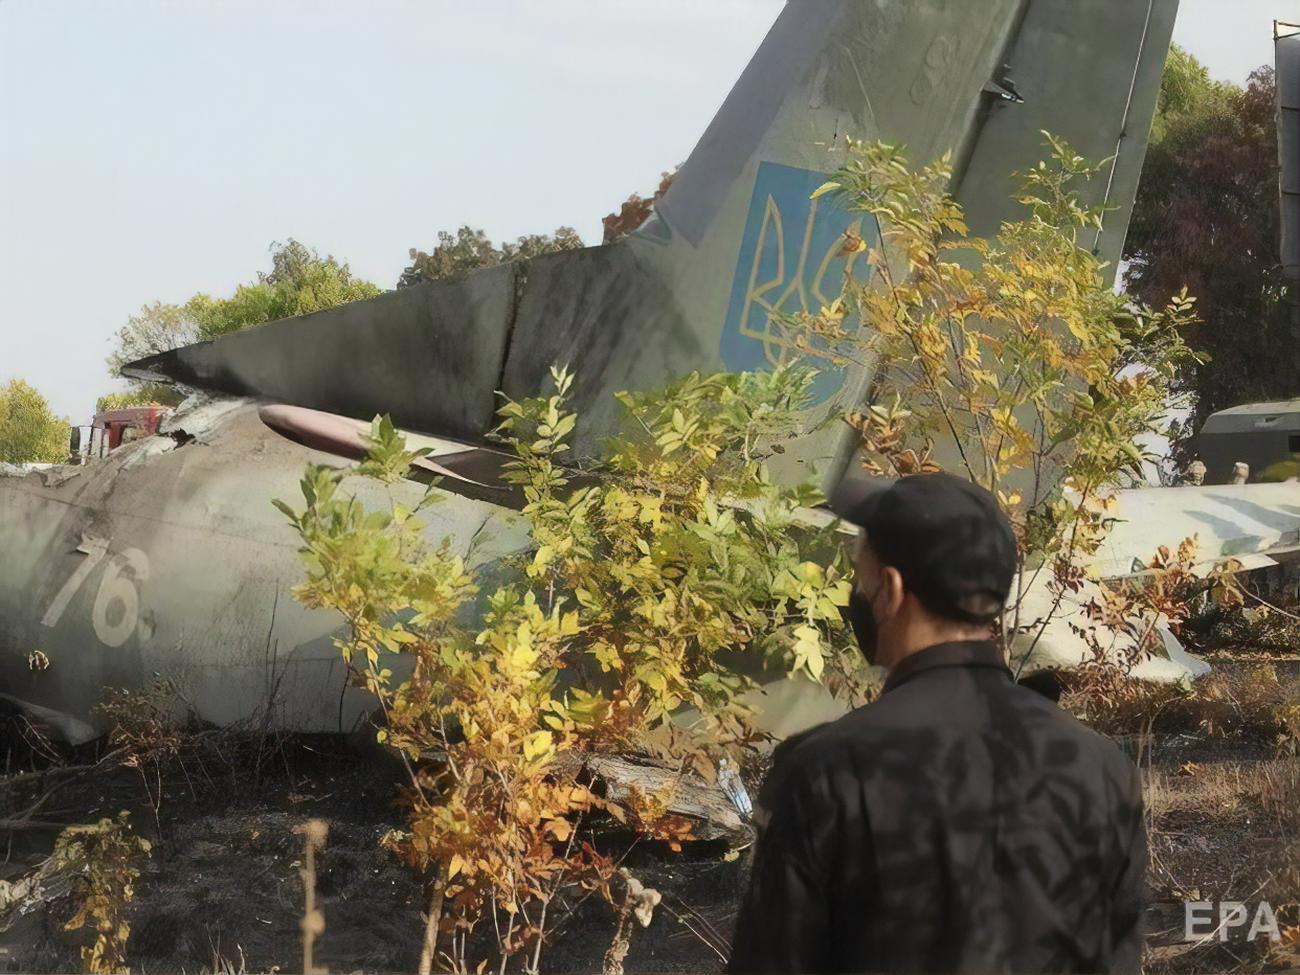 Крушение Ан-26 в Чугуеве. Родственники погибших подадут в суд, если вину за катастрофу переложат на экипаж – СМИ